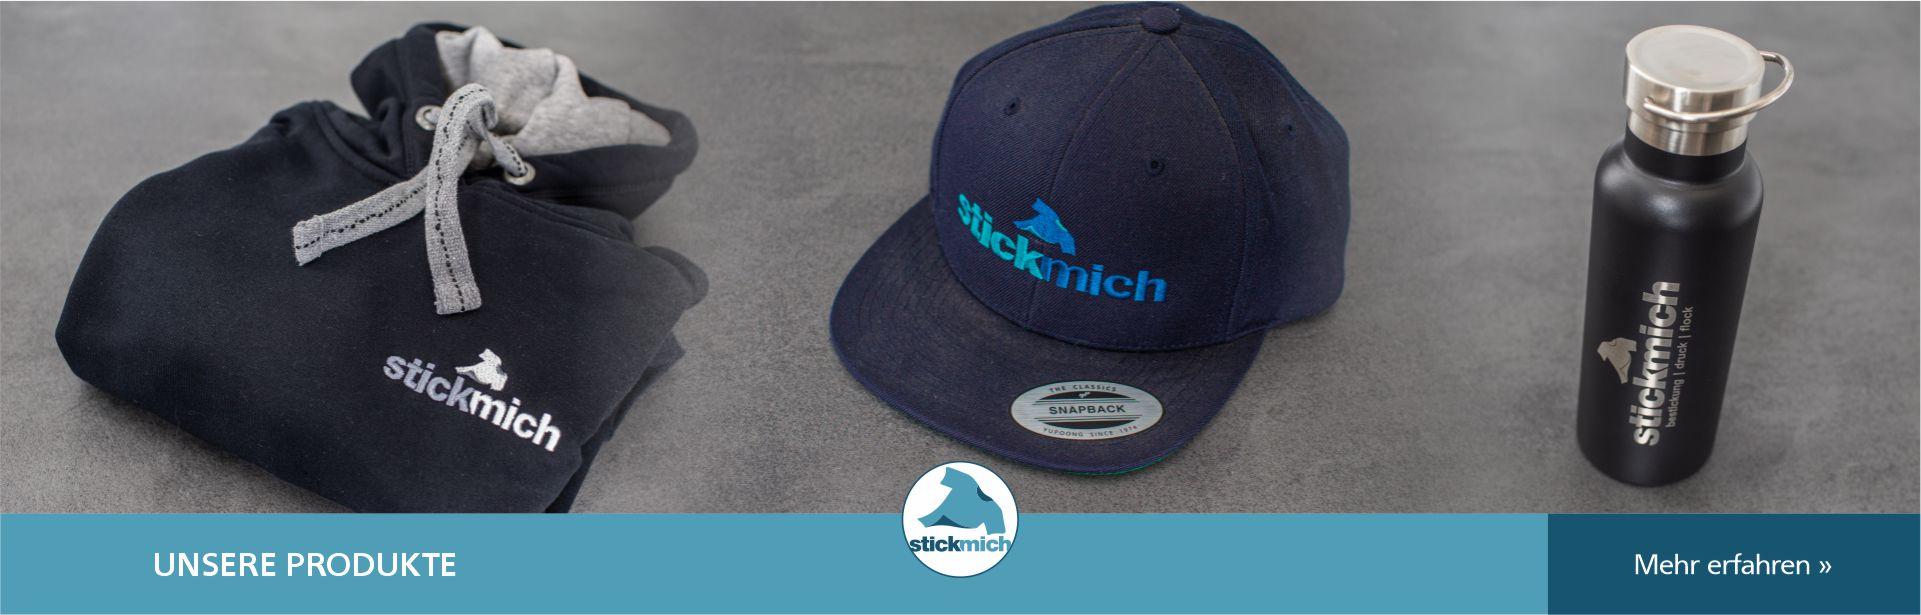 stickmich_slider_home_001